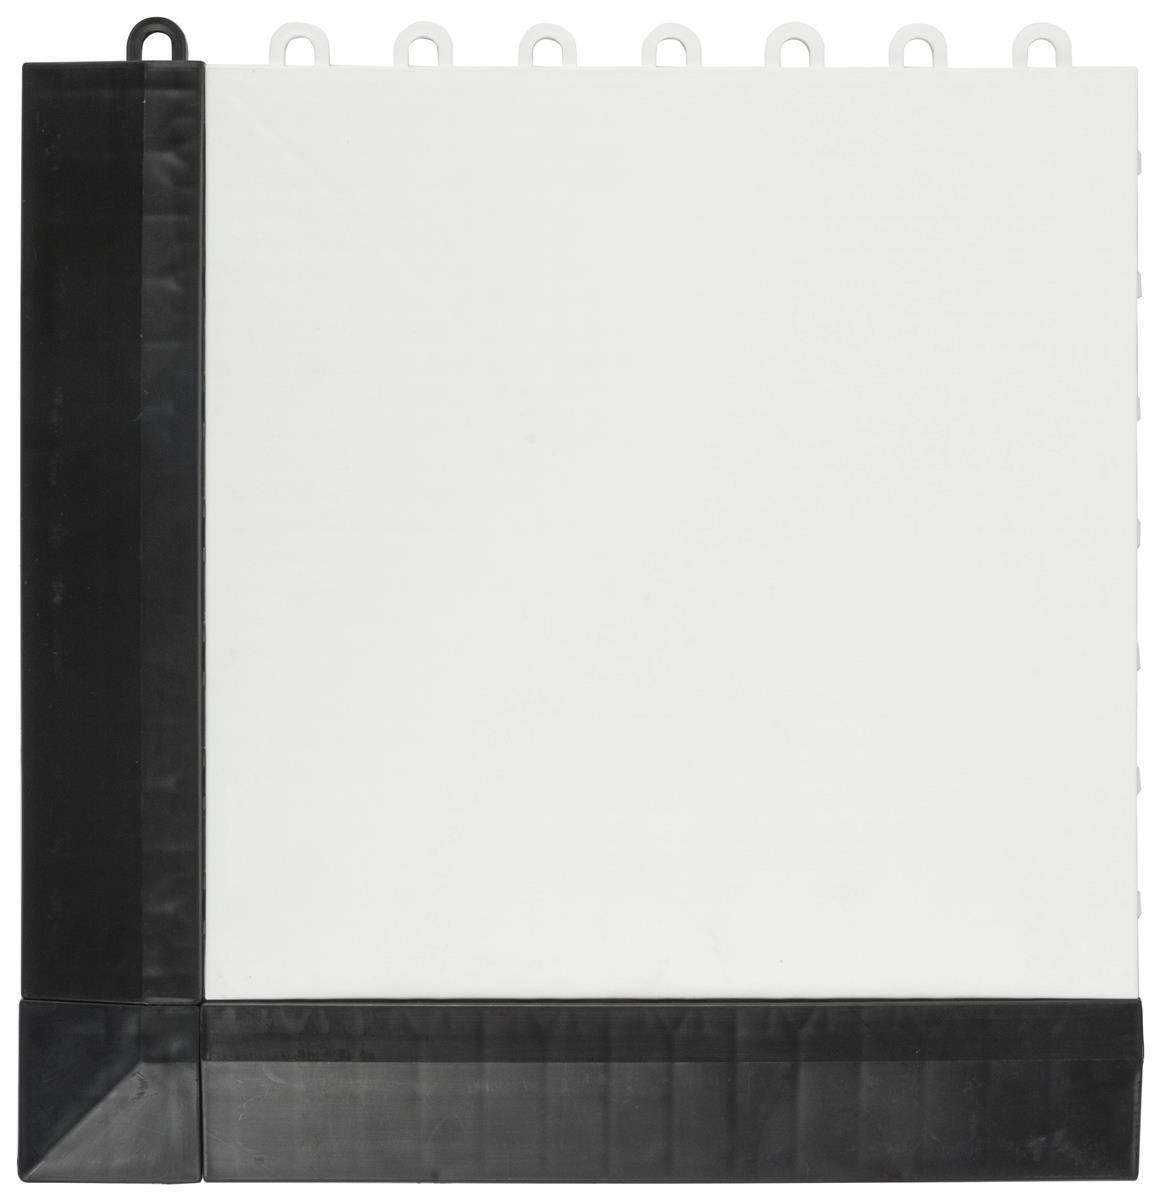 Interlocking Plastic Flooring White Tiles Amp Black Sloped